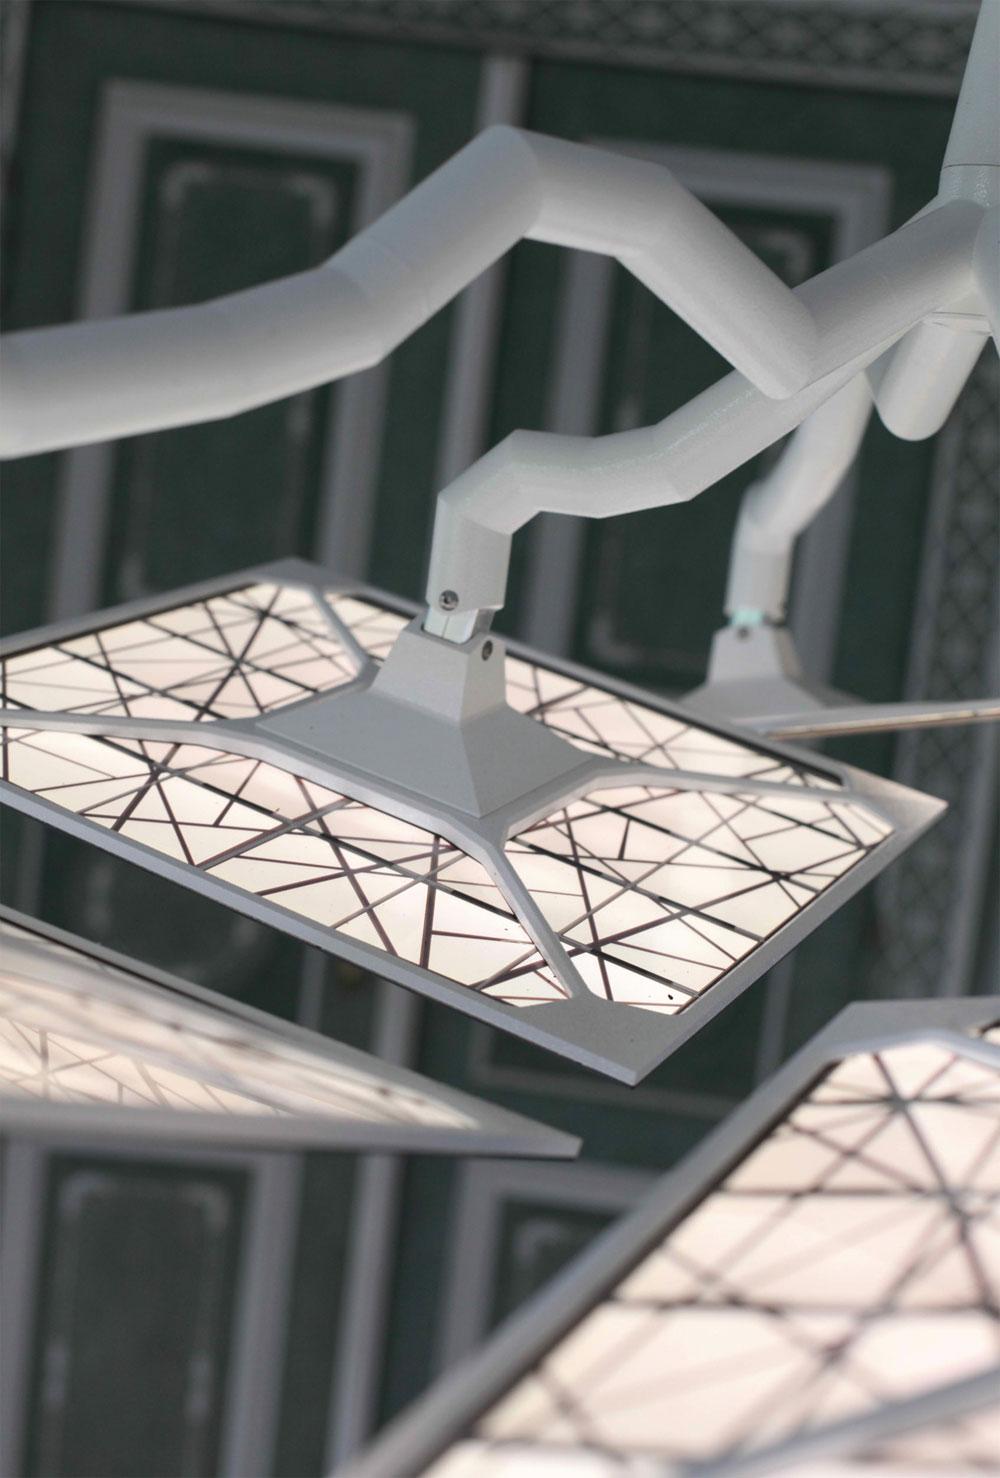 Oled tehnologija bazirana na poluprovodničkim diodama